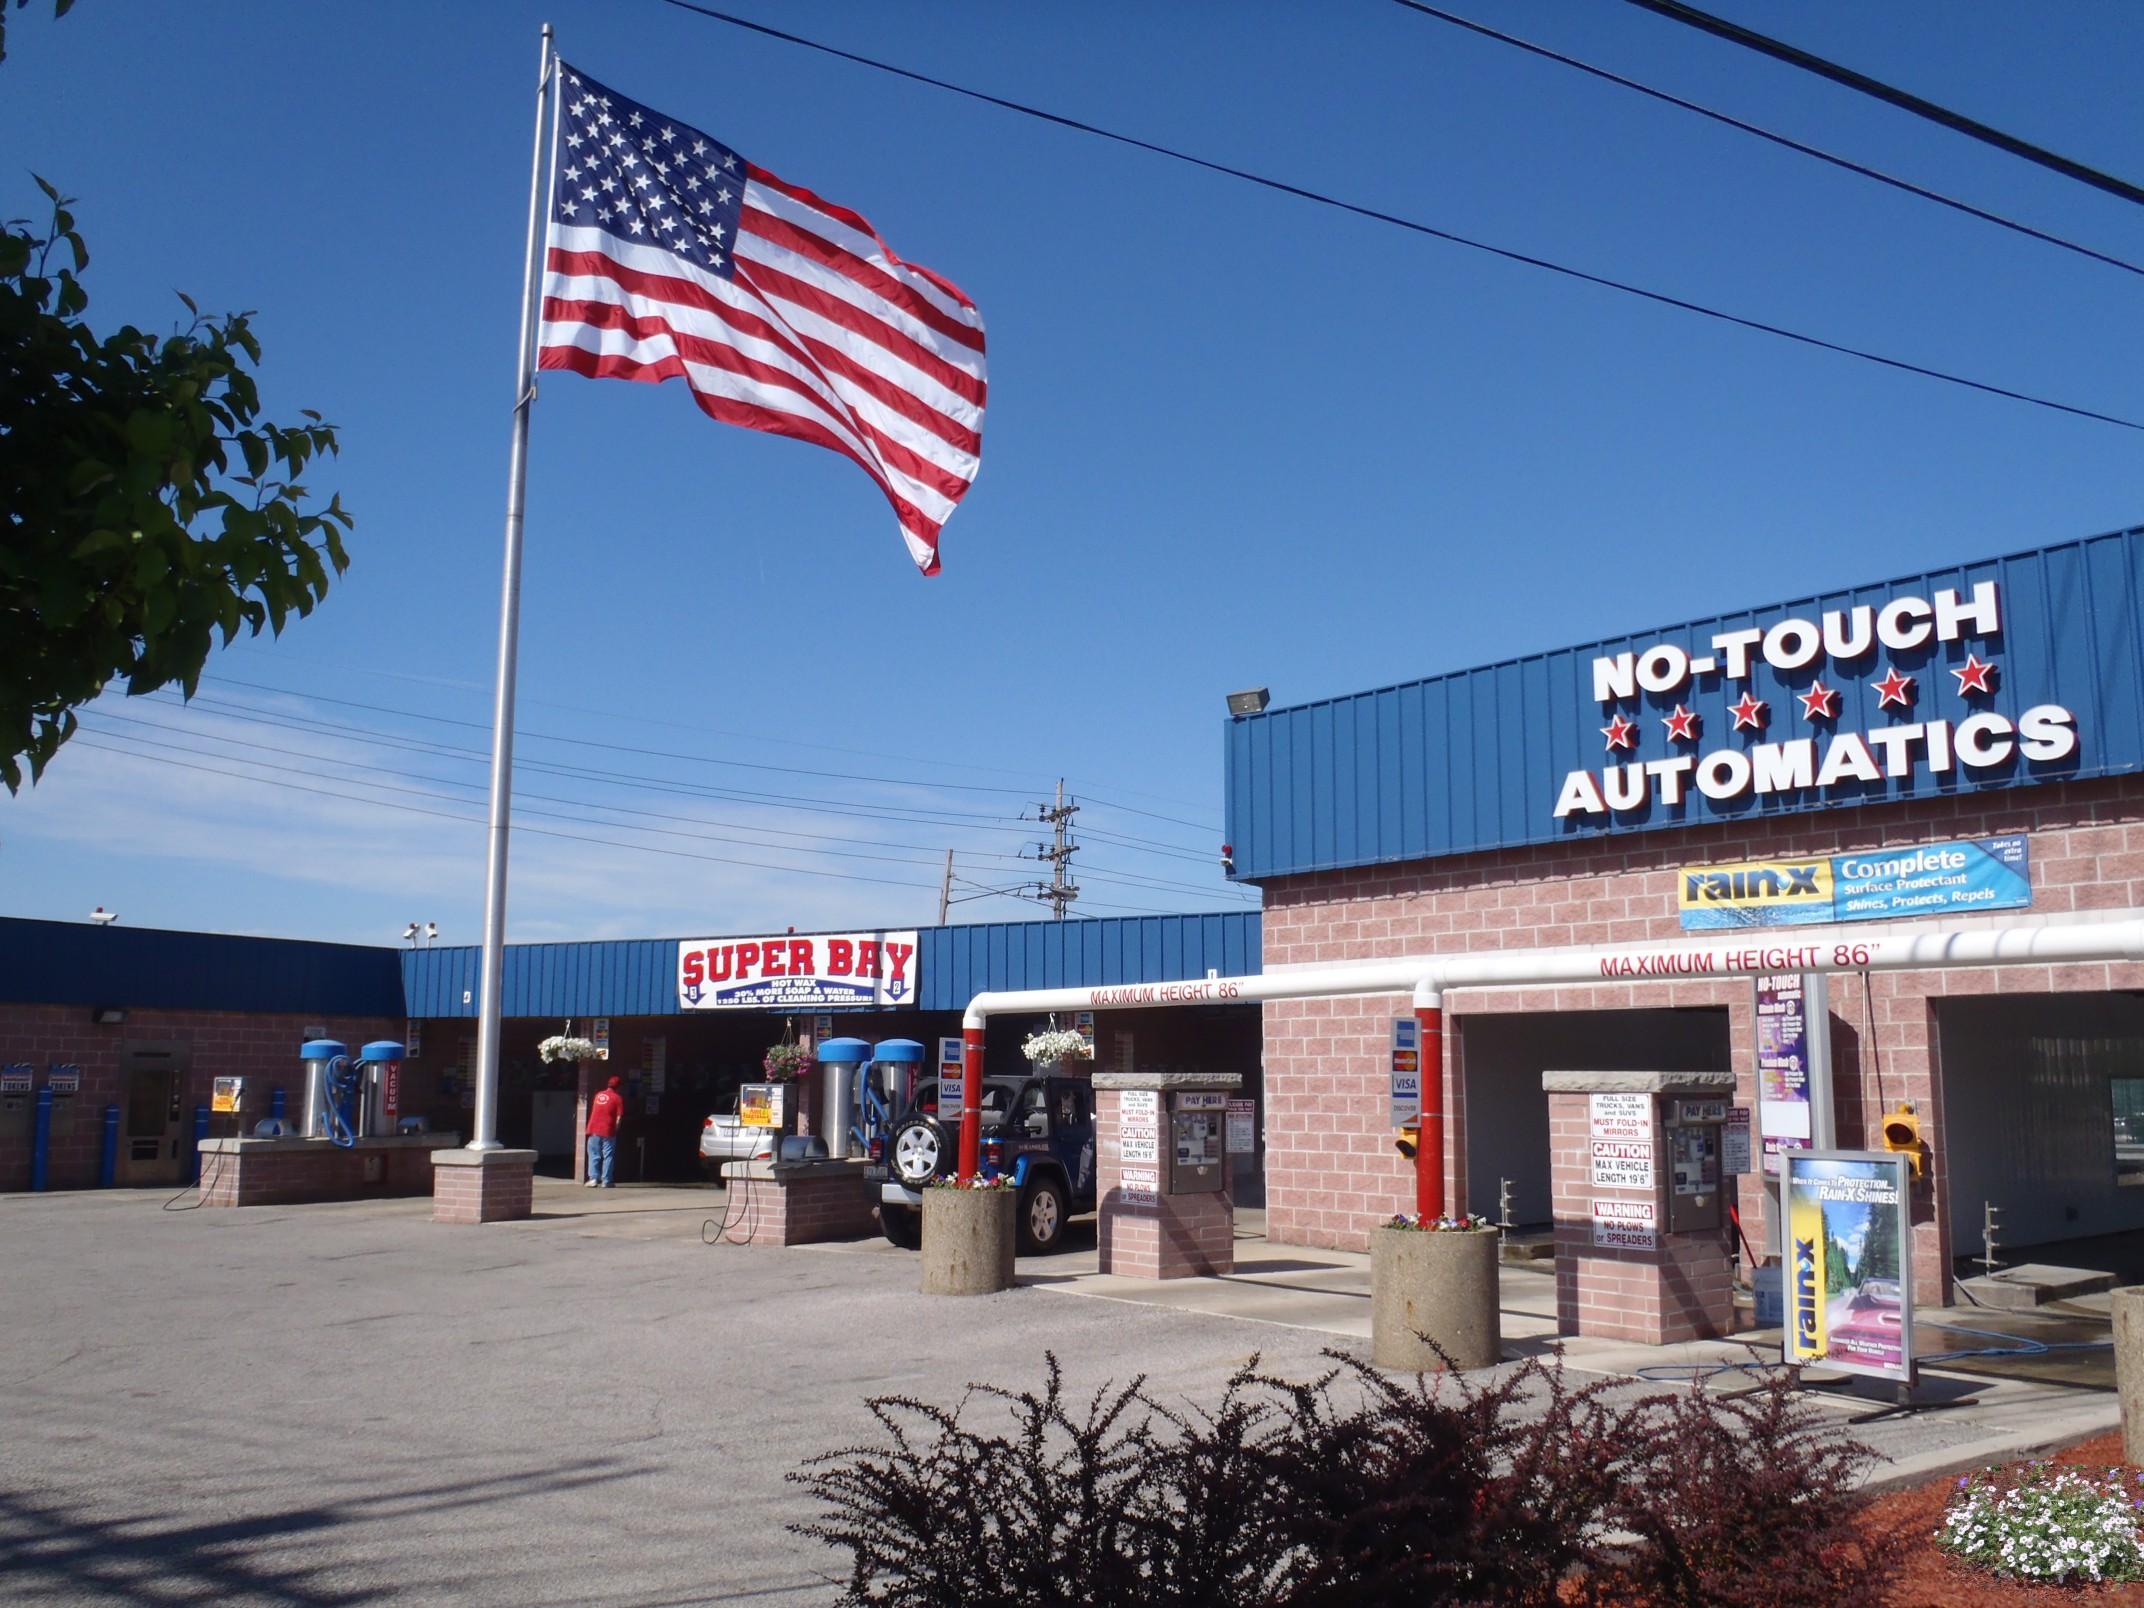 Auto Pride Car Wash: American Pride Car Wash